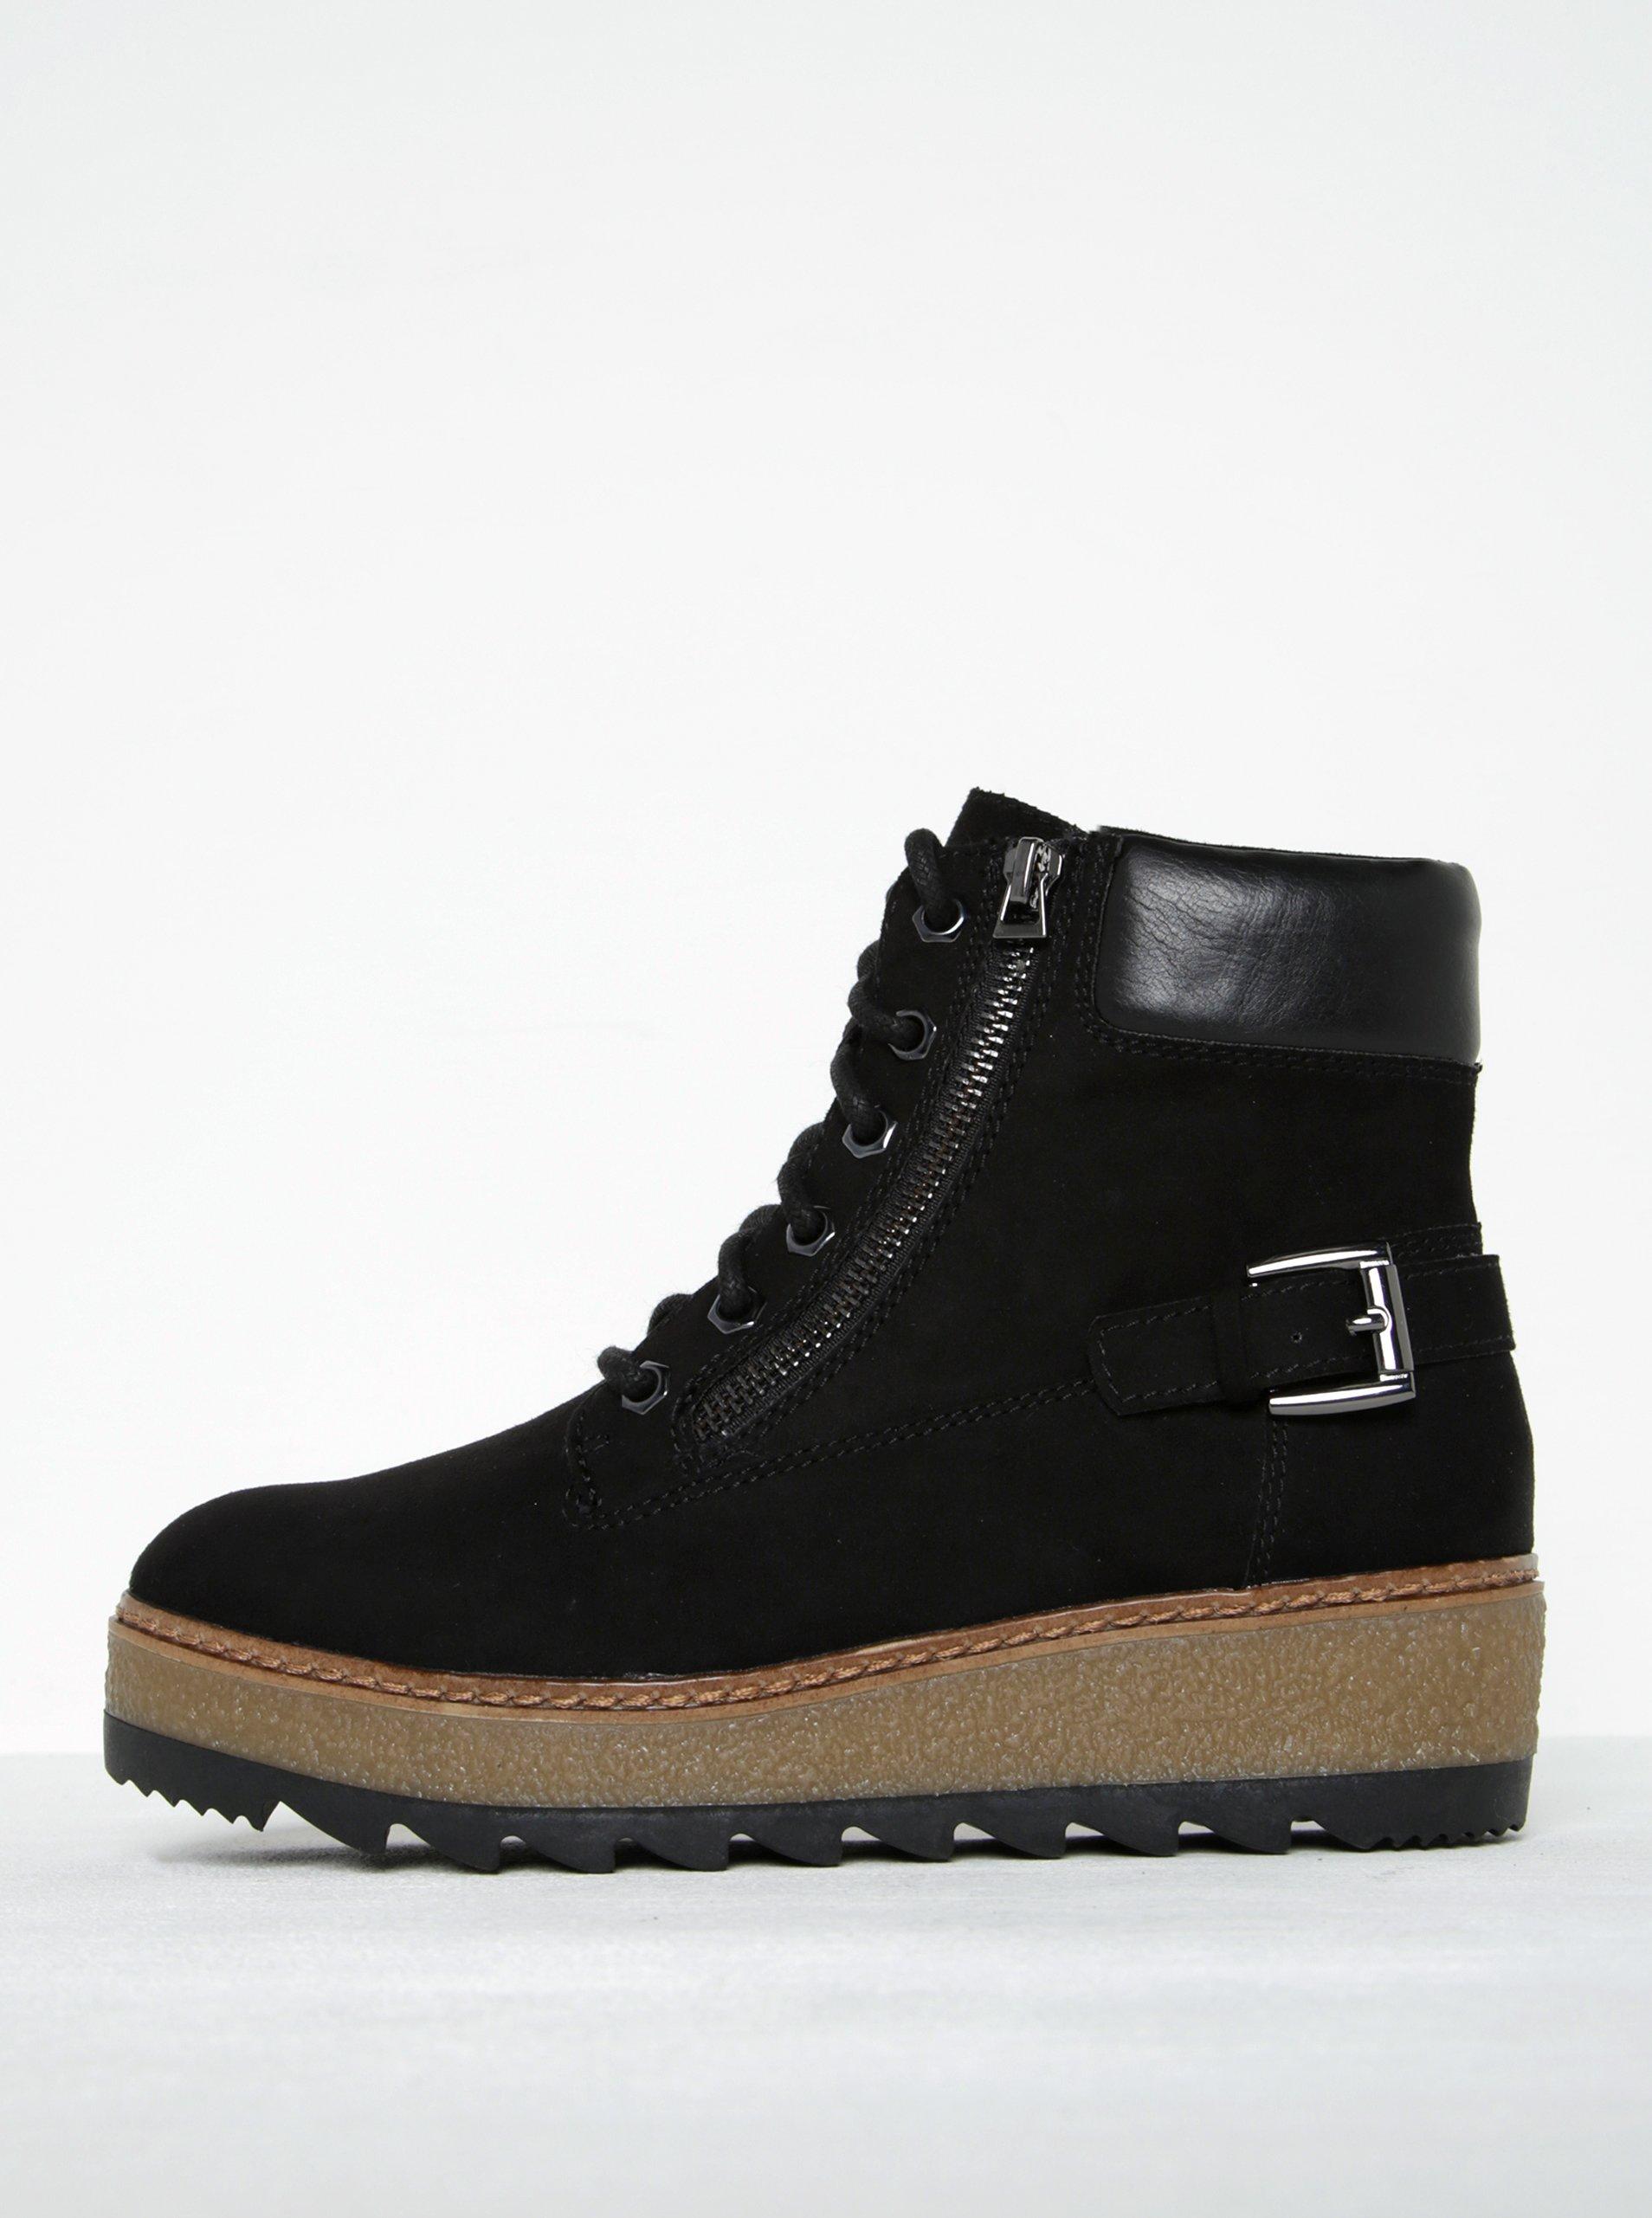 7d254445447e Čierne členkové topánky v semišovej úprave na platforme Tamaris ...